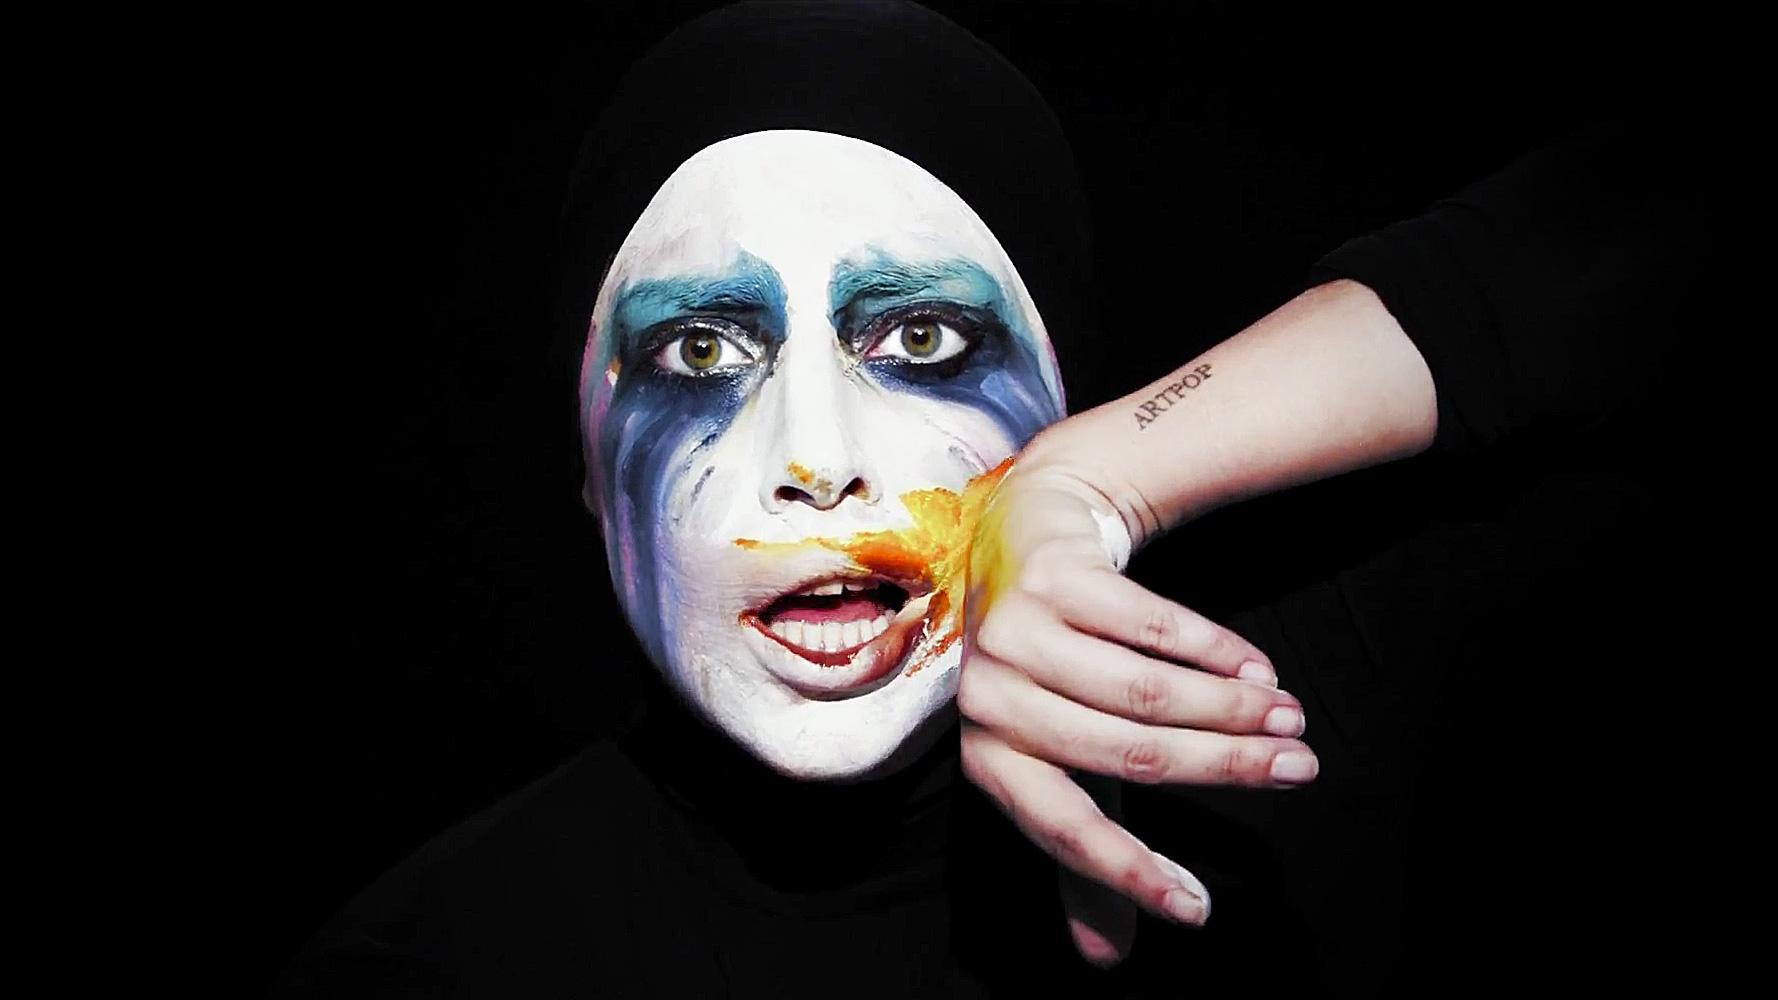 est100 一些攝影(some photos): Lady Gaga, 女神卡卡 Lady Gaga Applause Promo